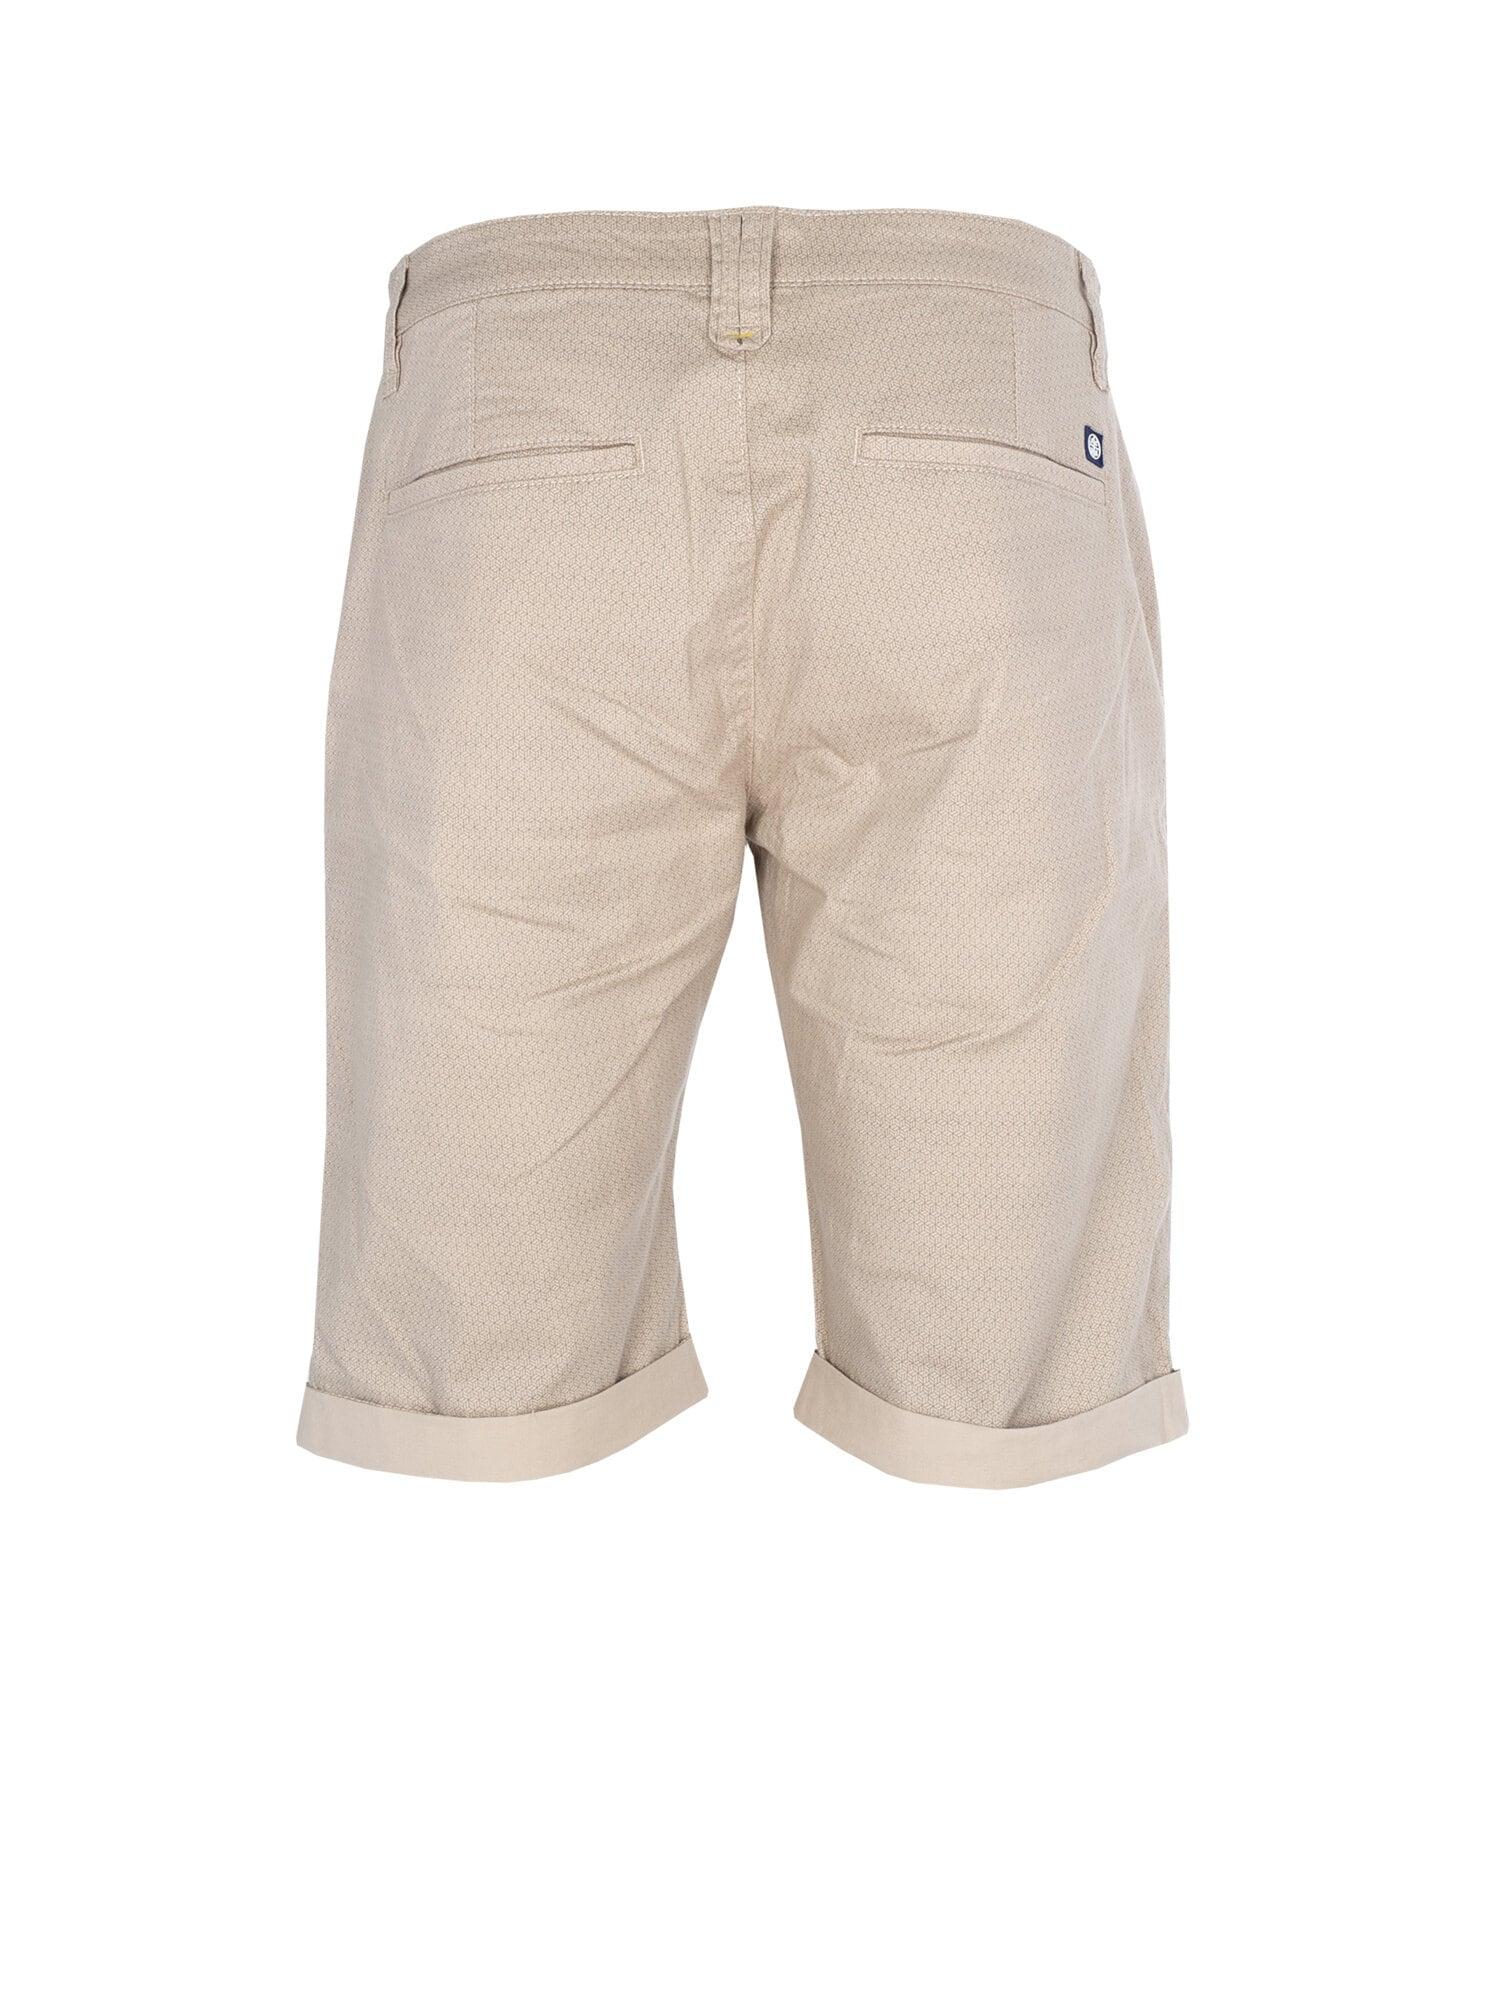 Print Shorts - Lt Sand